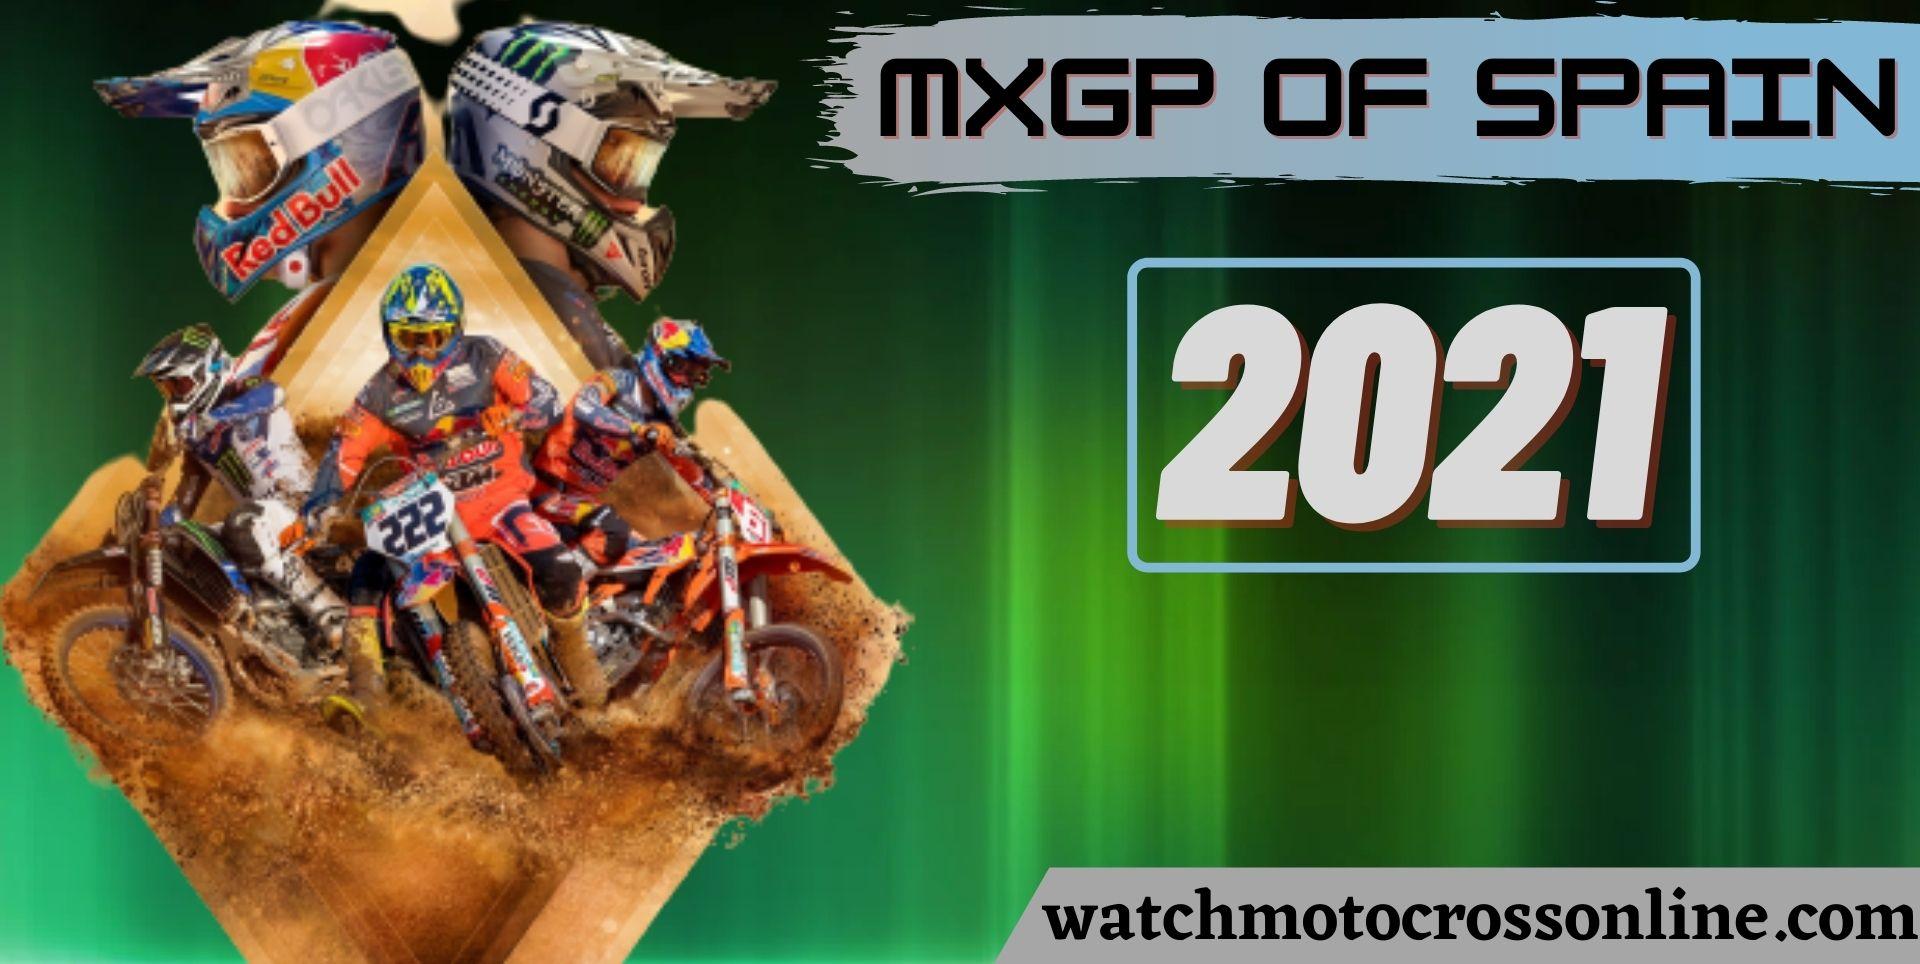 MXGP Of Spain Live Stream 2021